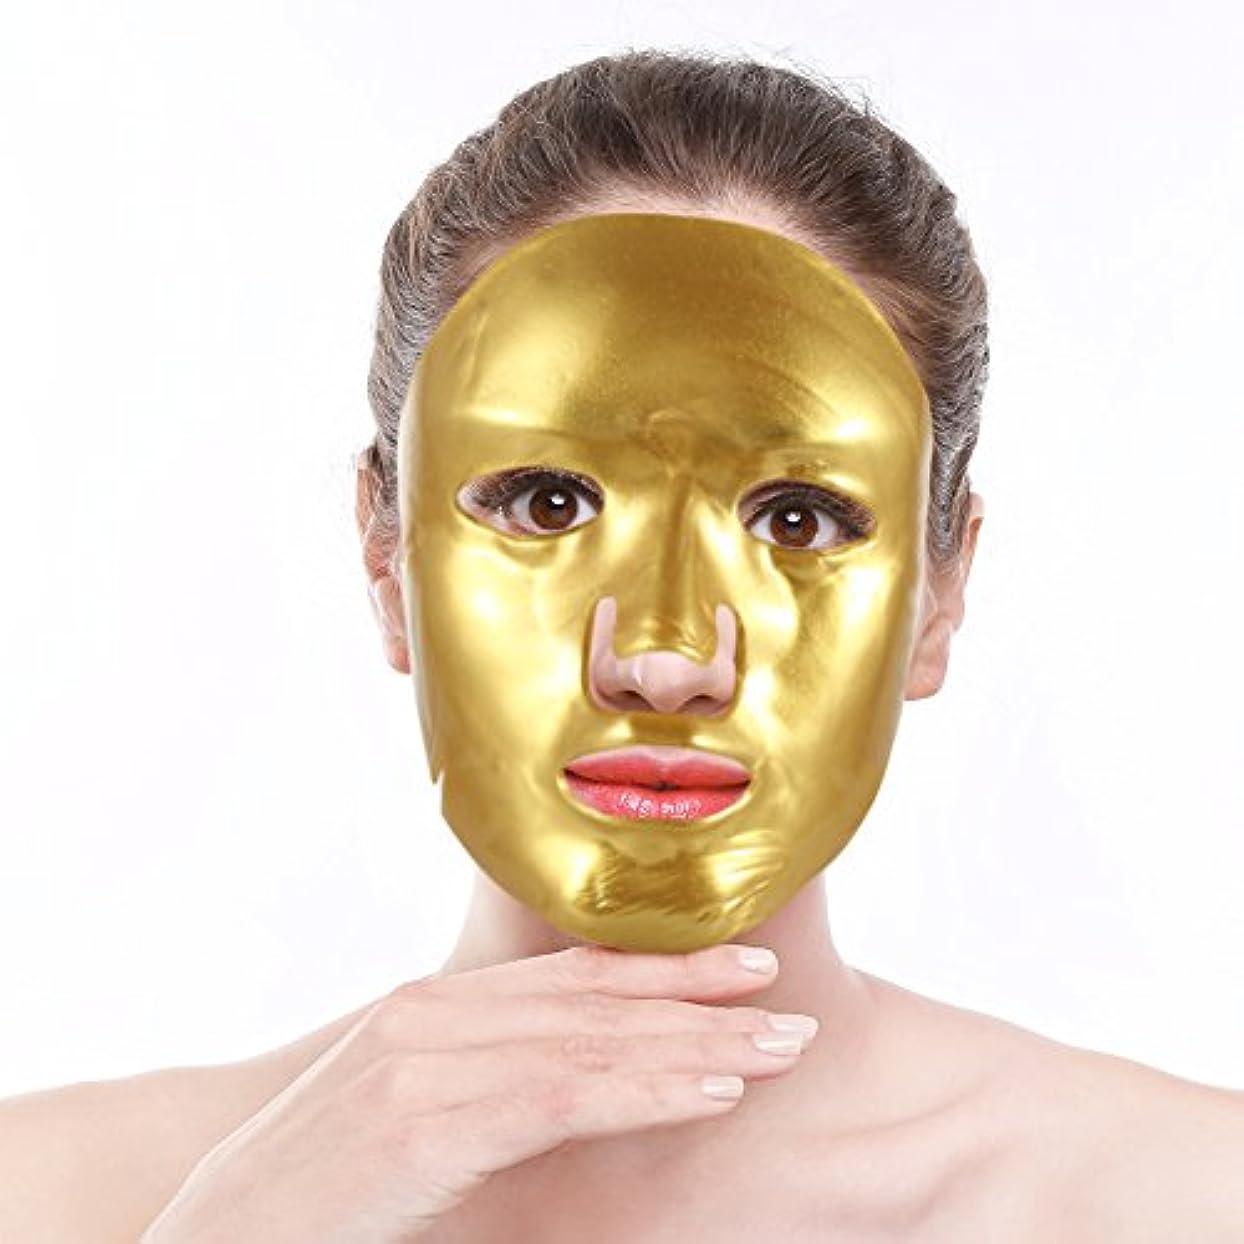 飢隙間小さいフェイススキンケアクリスタルコラーゲンマスクゴールドパウダーモイスチャー マスク